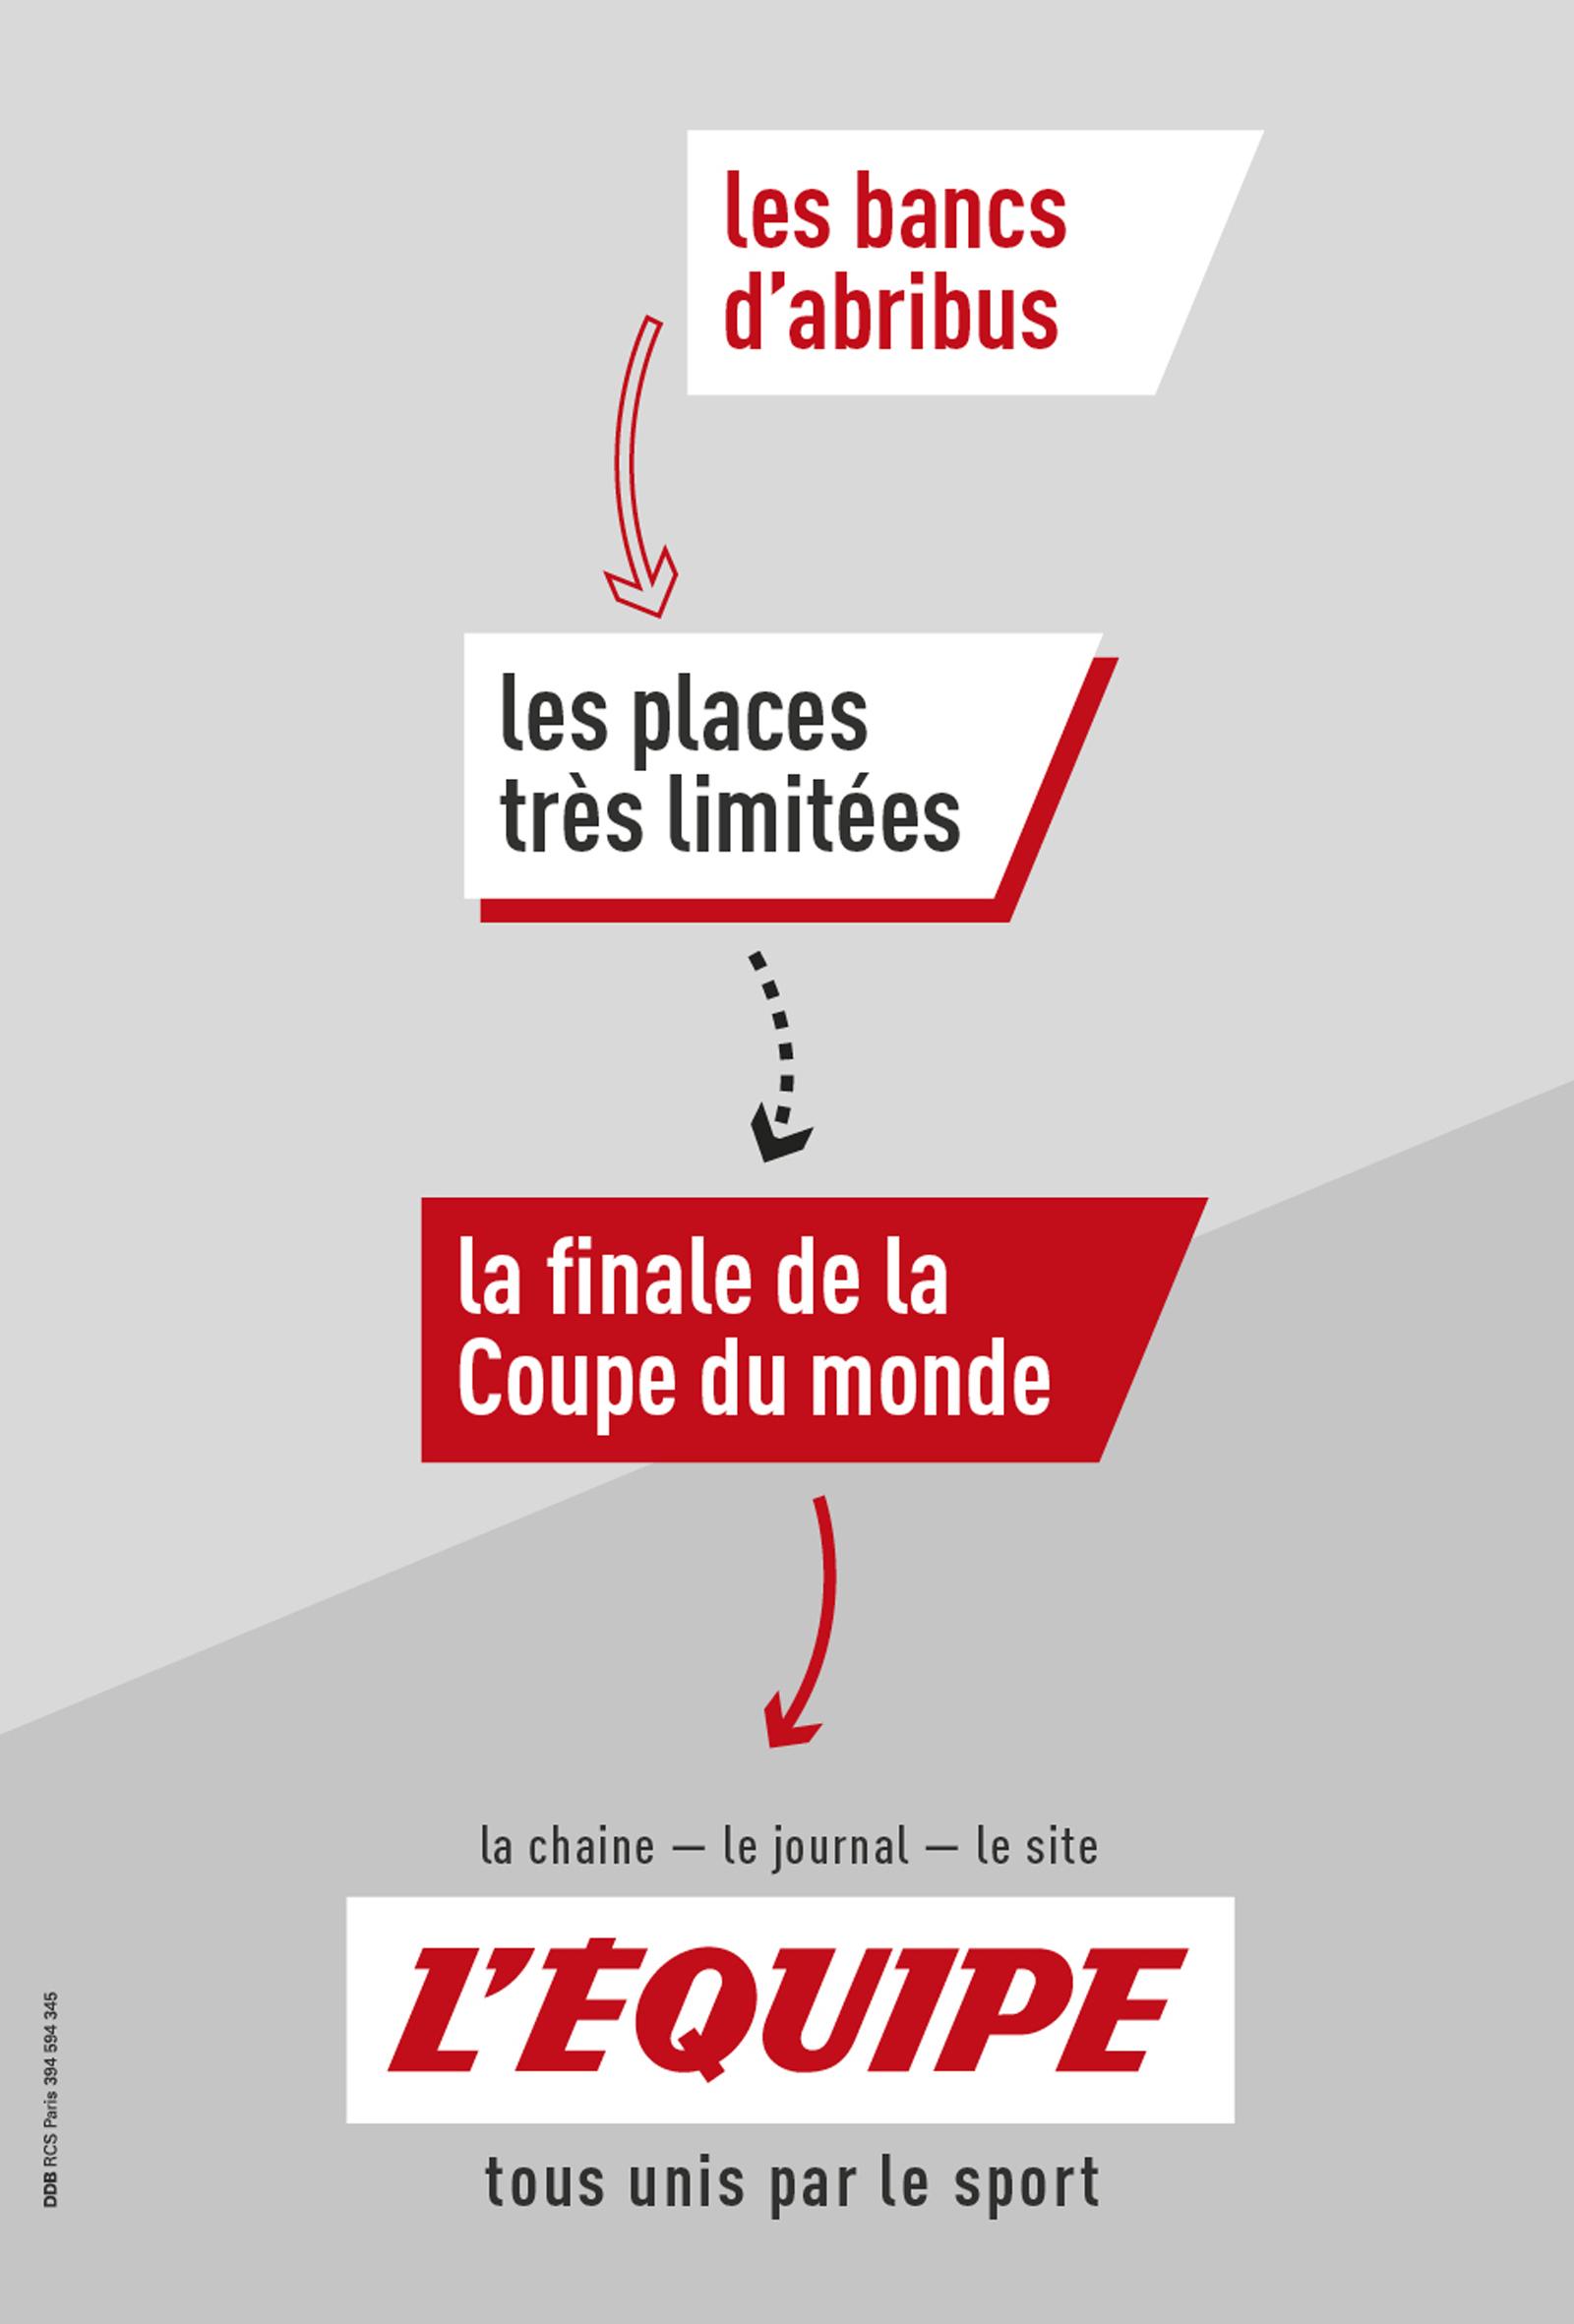 lequipe-journal-publicite-marketing-affichage-tous-unis-par-le-sport-ddb-paris-6